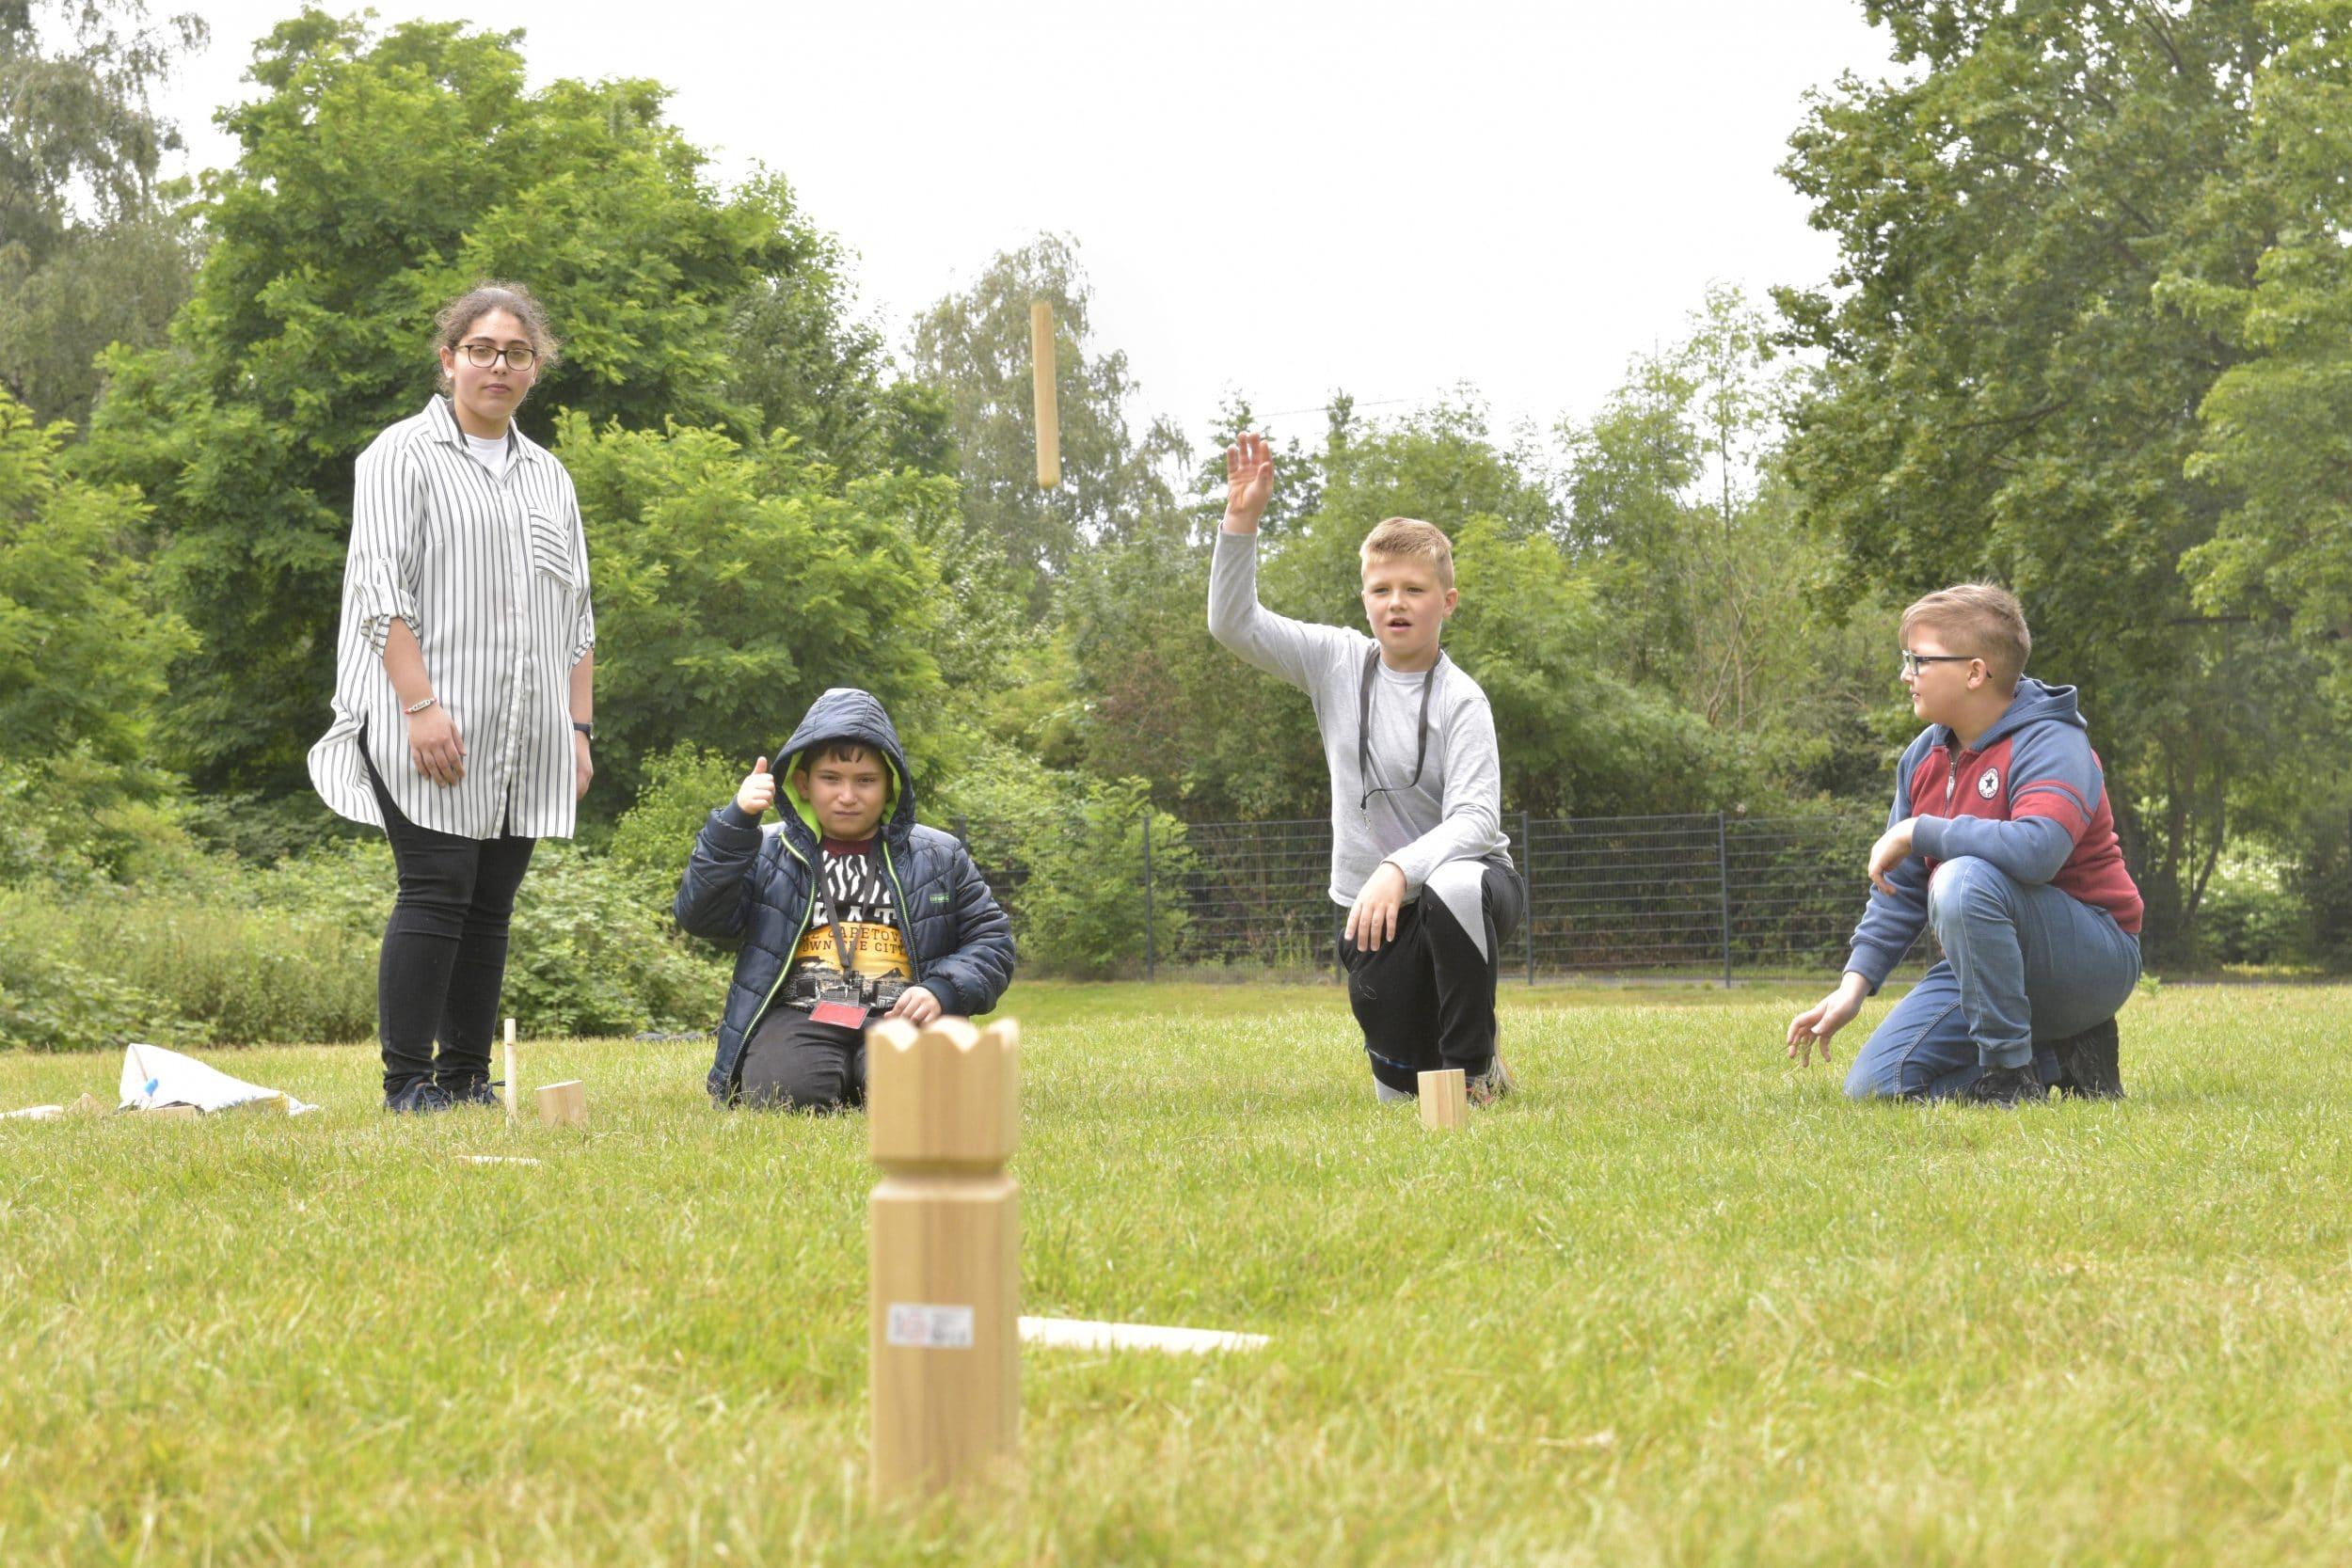 Mit Kennenlern-Aktionen begann der erste Tag. Schach zu spielen wie ein Wikinger war da keine schlechte Wahl. (Fotos: IN-StadtMagazine)